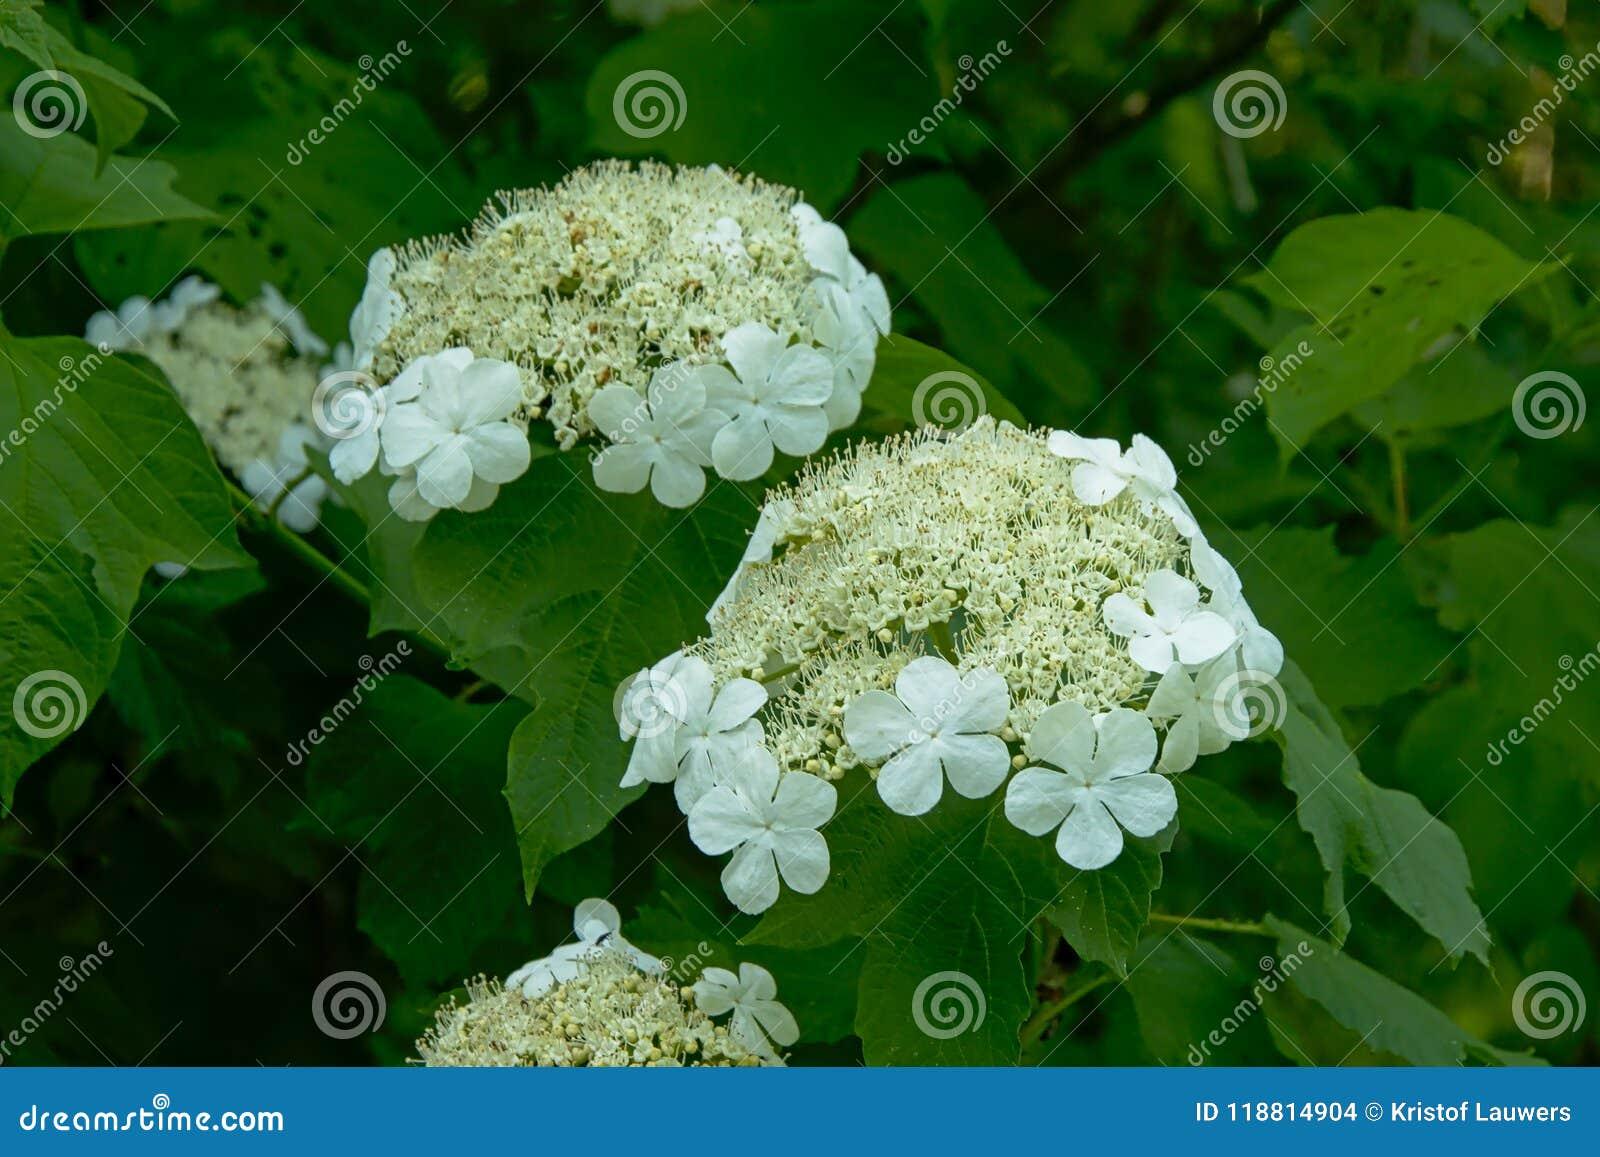 White black haw flower cluster viburnum prunifolium stock photo white black haw flower cluster viburnum prunifolium mightylinksfo